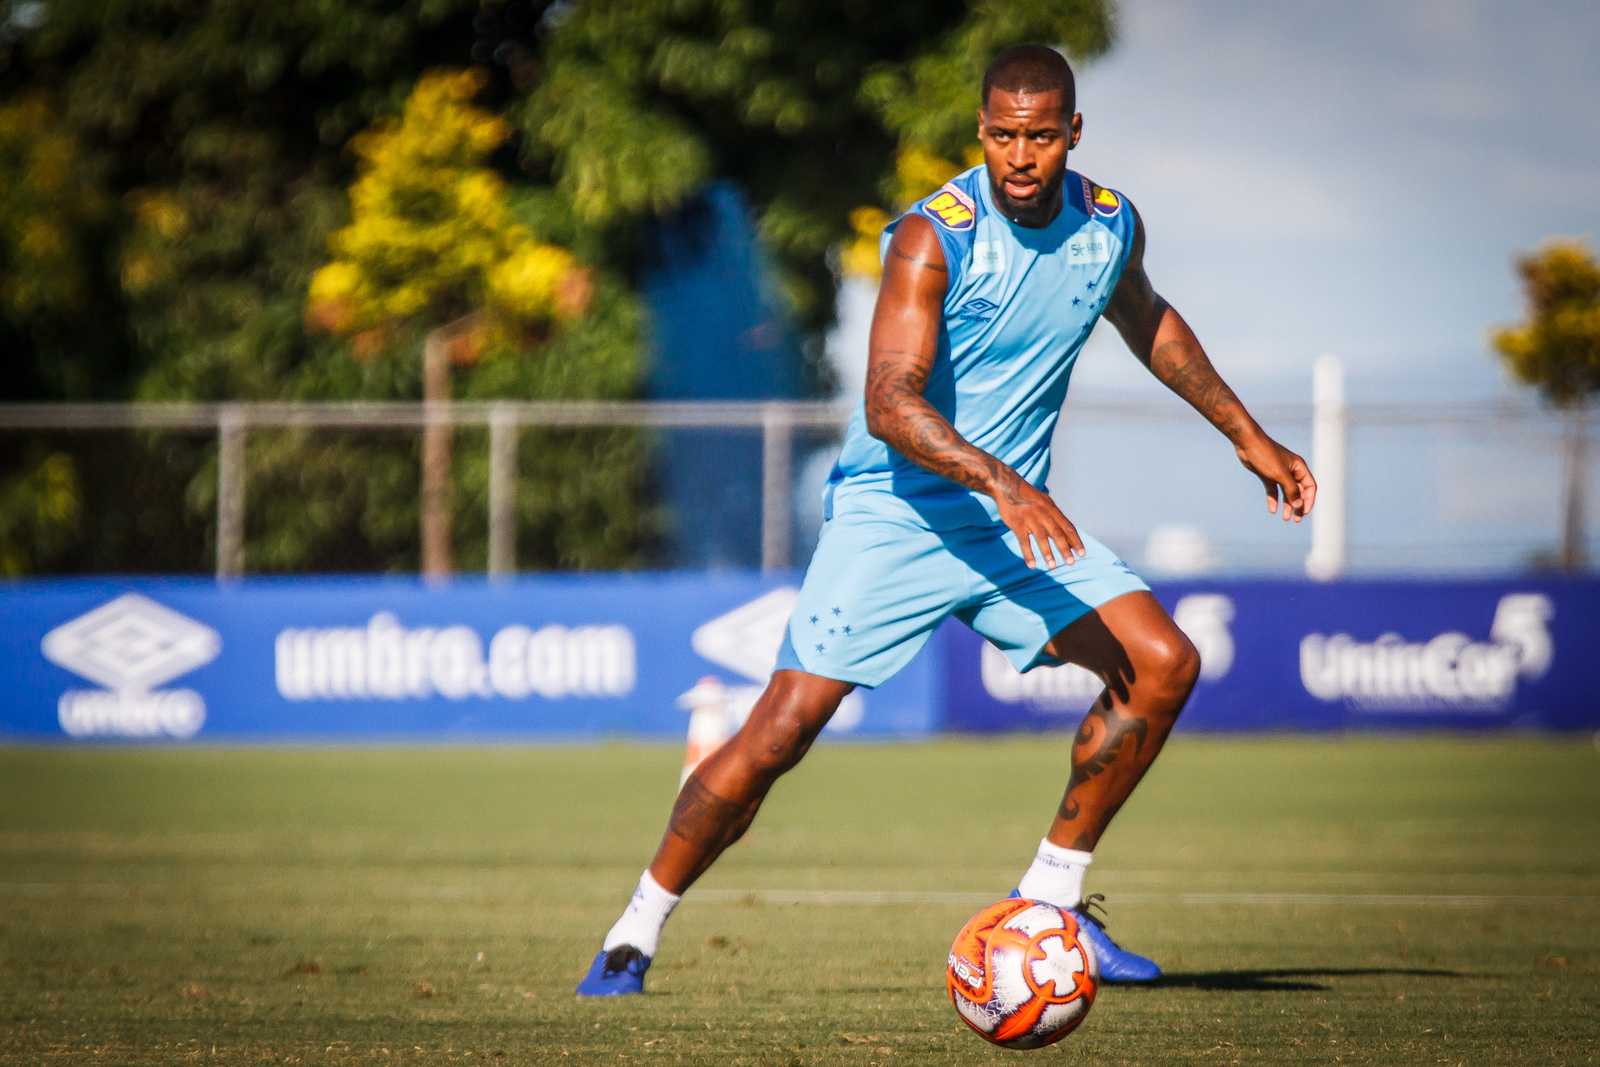 Com 30 anos de idade, Dedé tem contrato até 2021 com a Raposa.